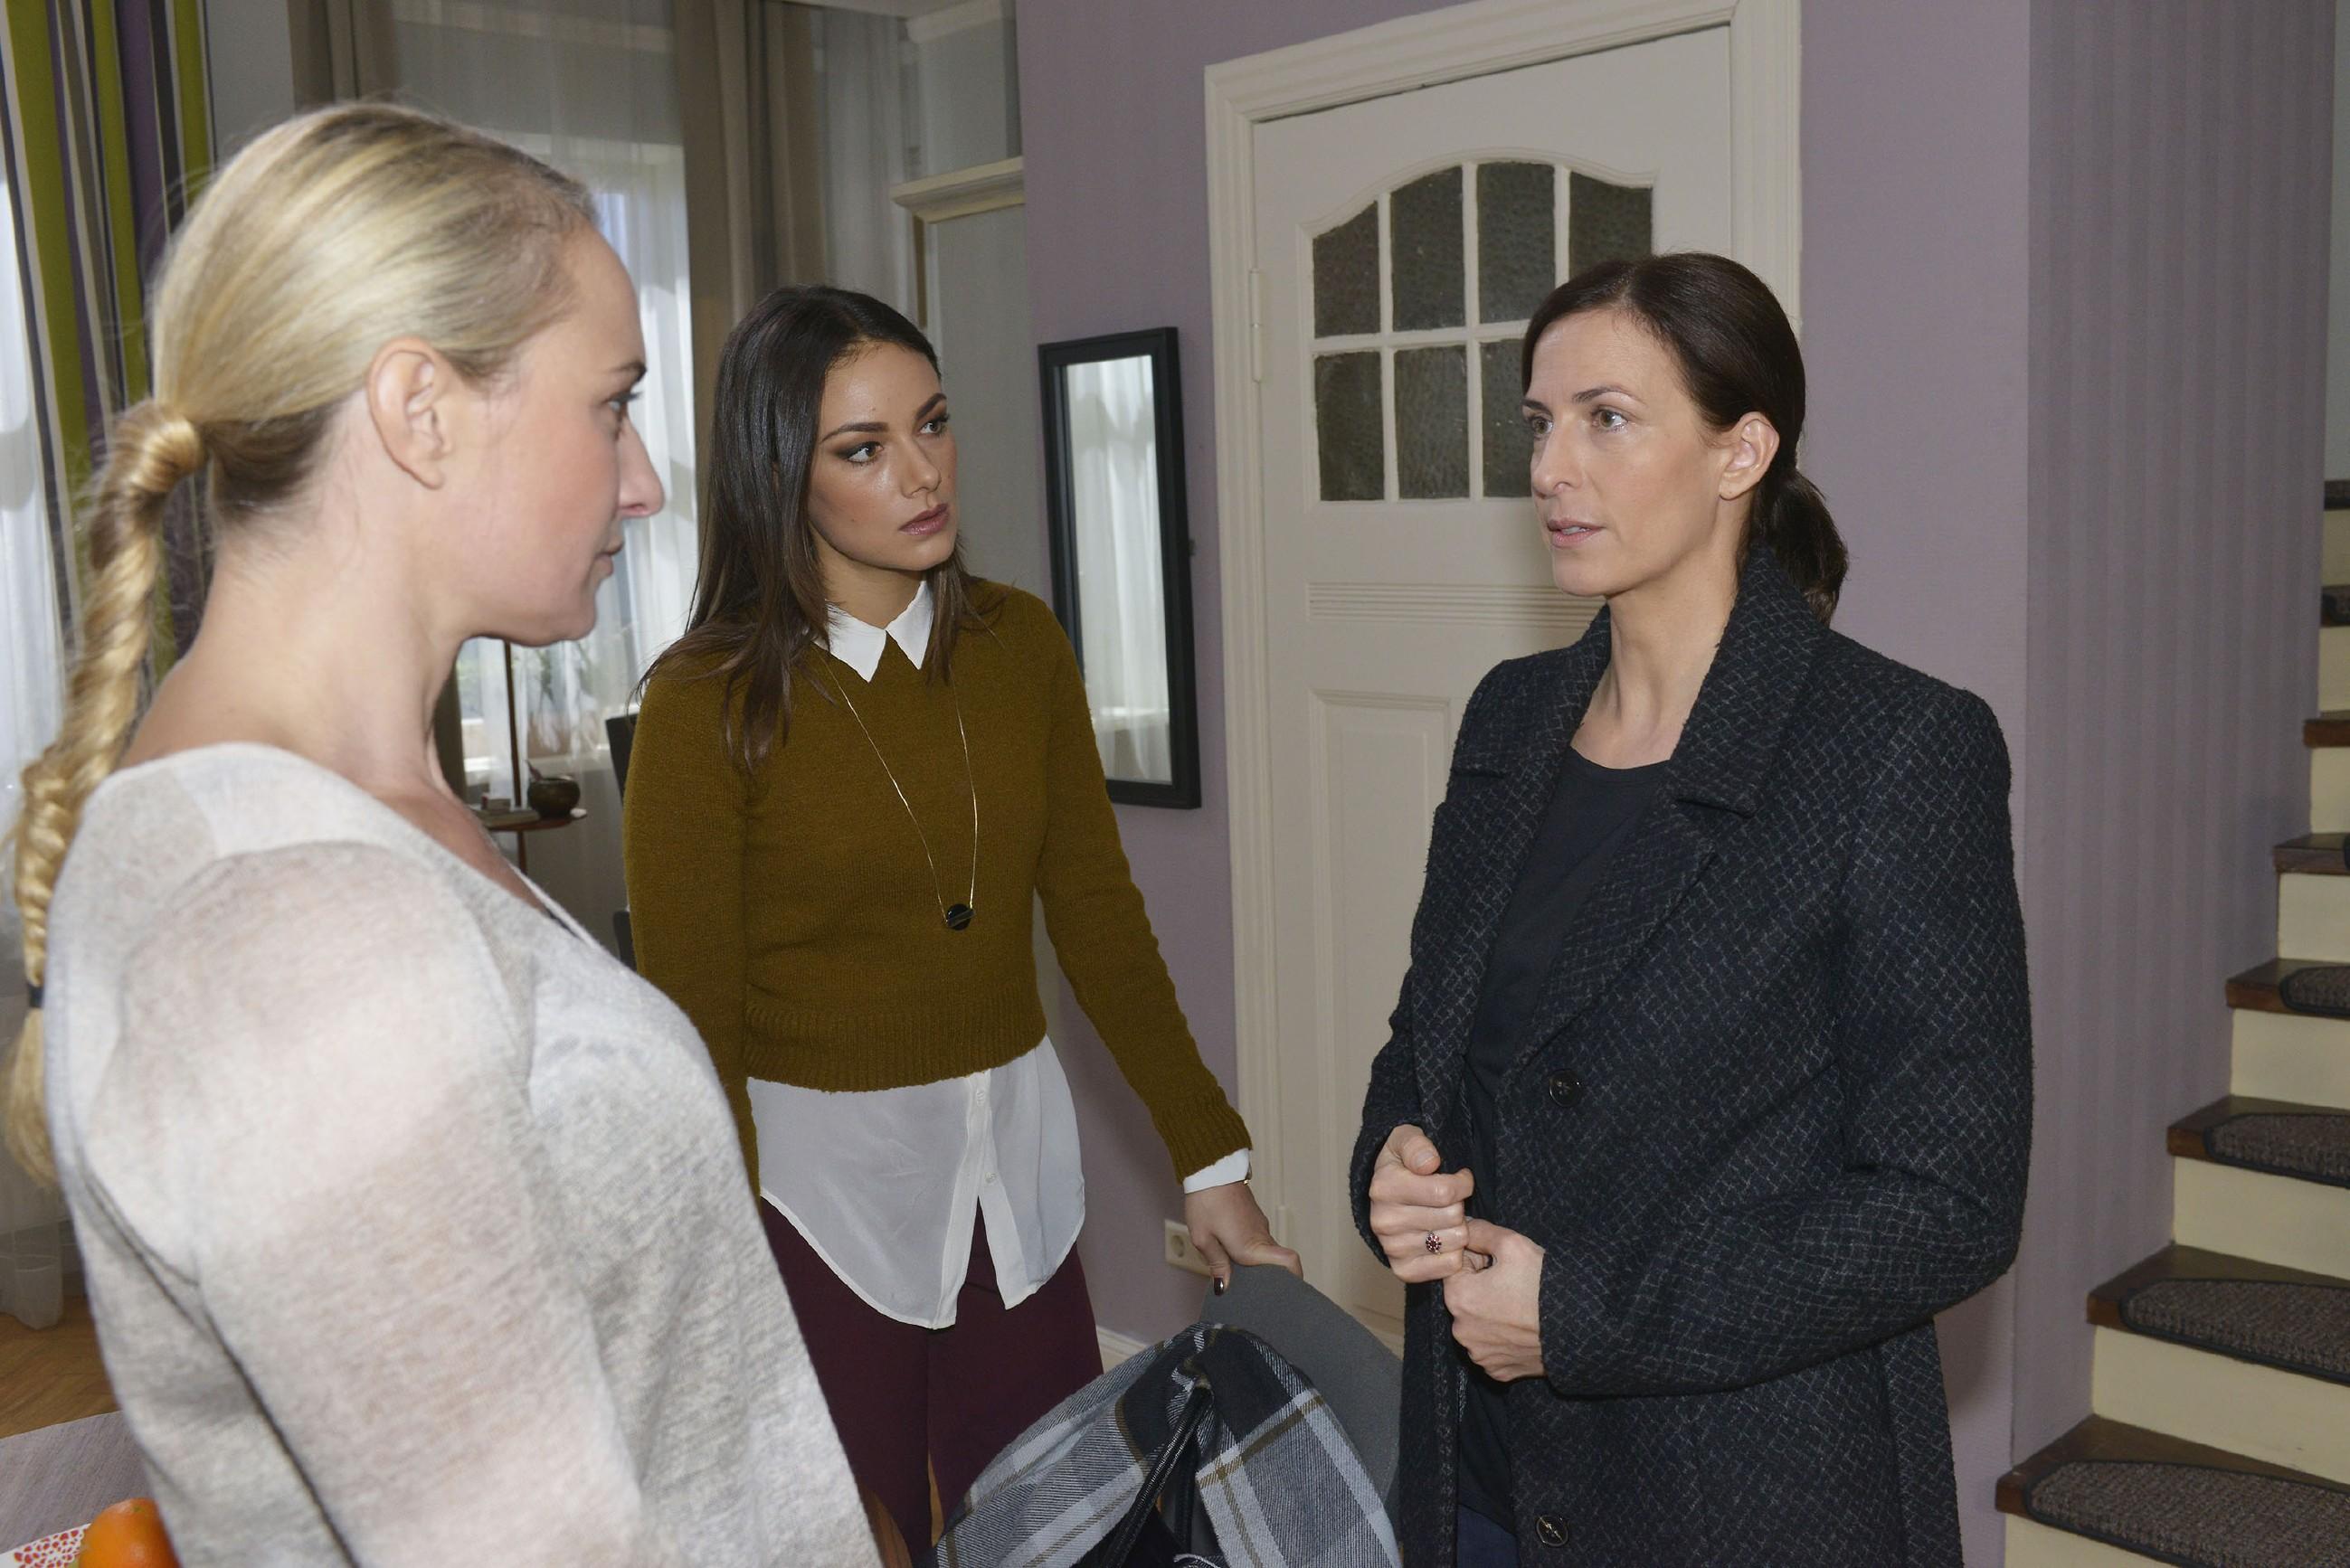 Katrin (Ulrike Frank, r.) erklärt Jasmin (Janina Uhse, M.) und Maren (Eva Mona Rodekirchen), dass sie Till nahe sein möchte. (Foto: RTL / Rolf Baumgartner)